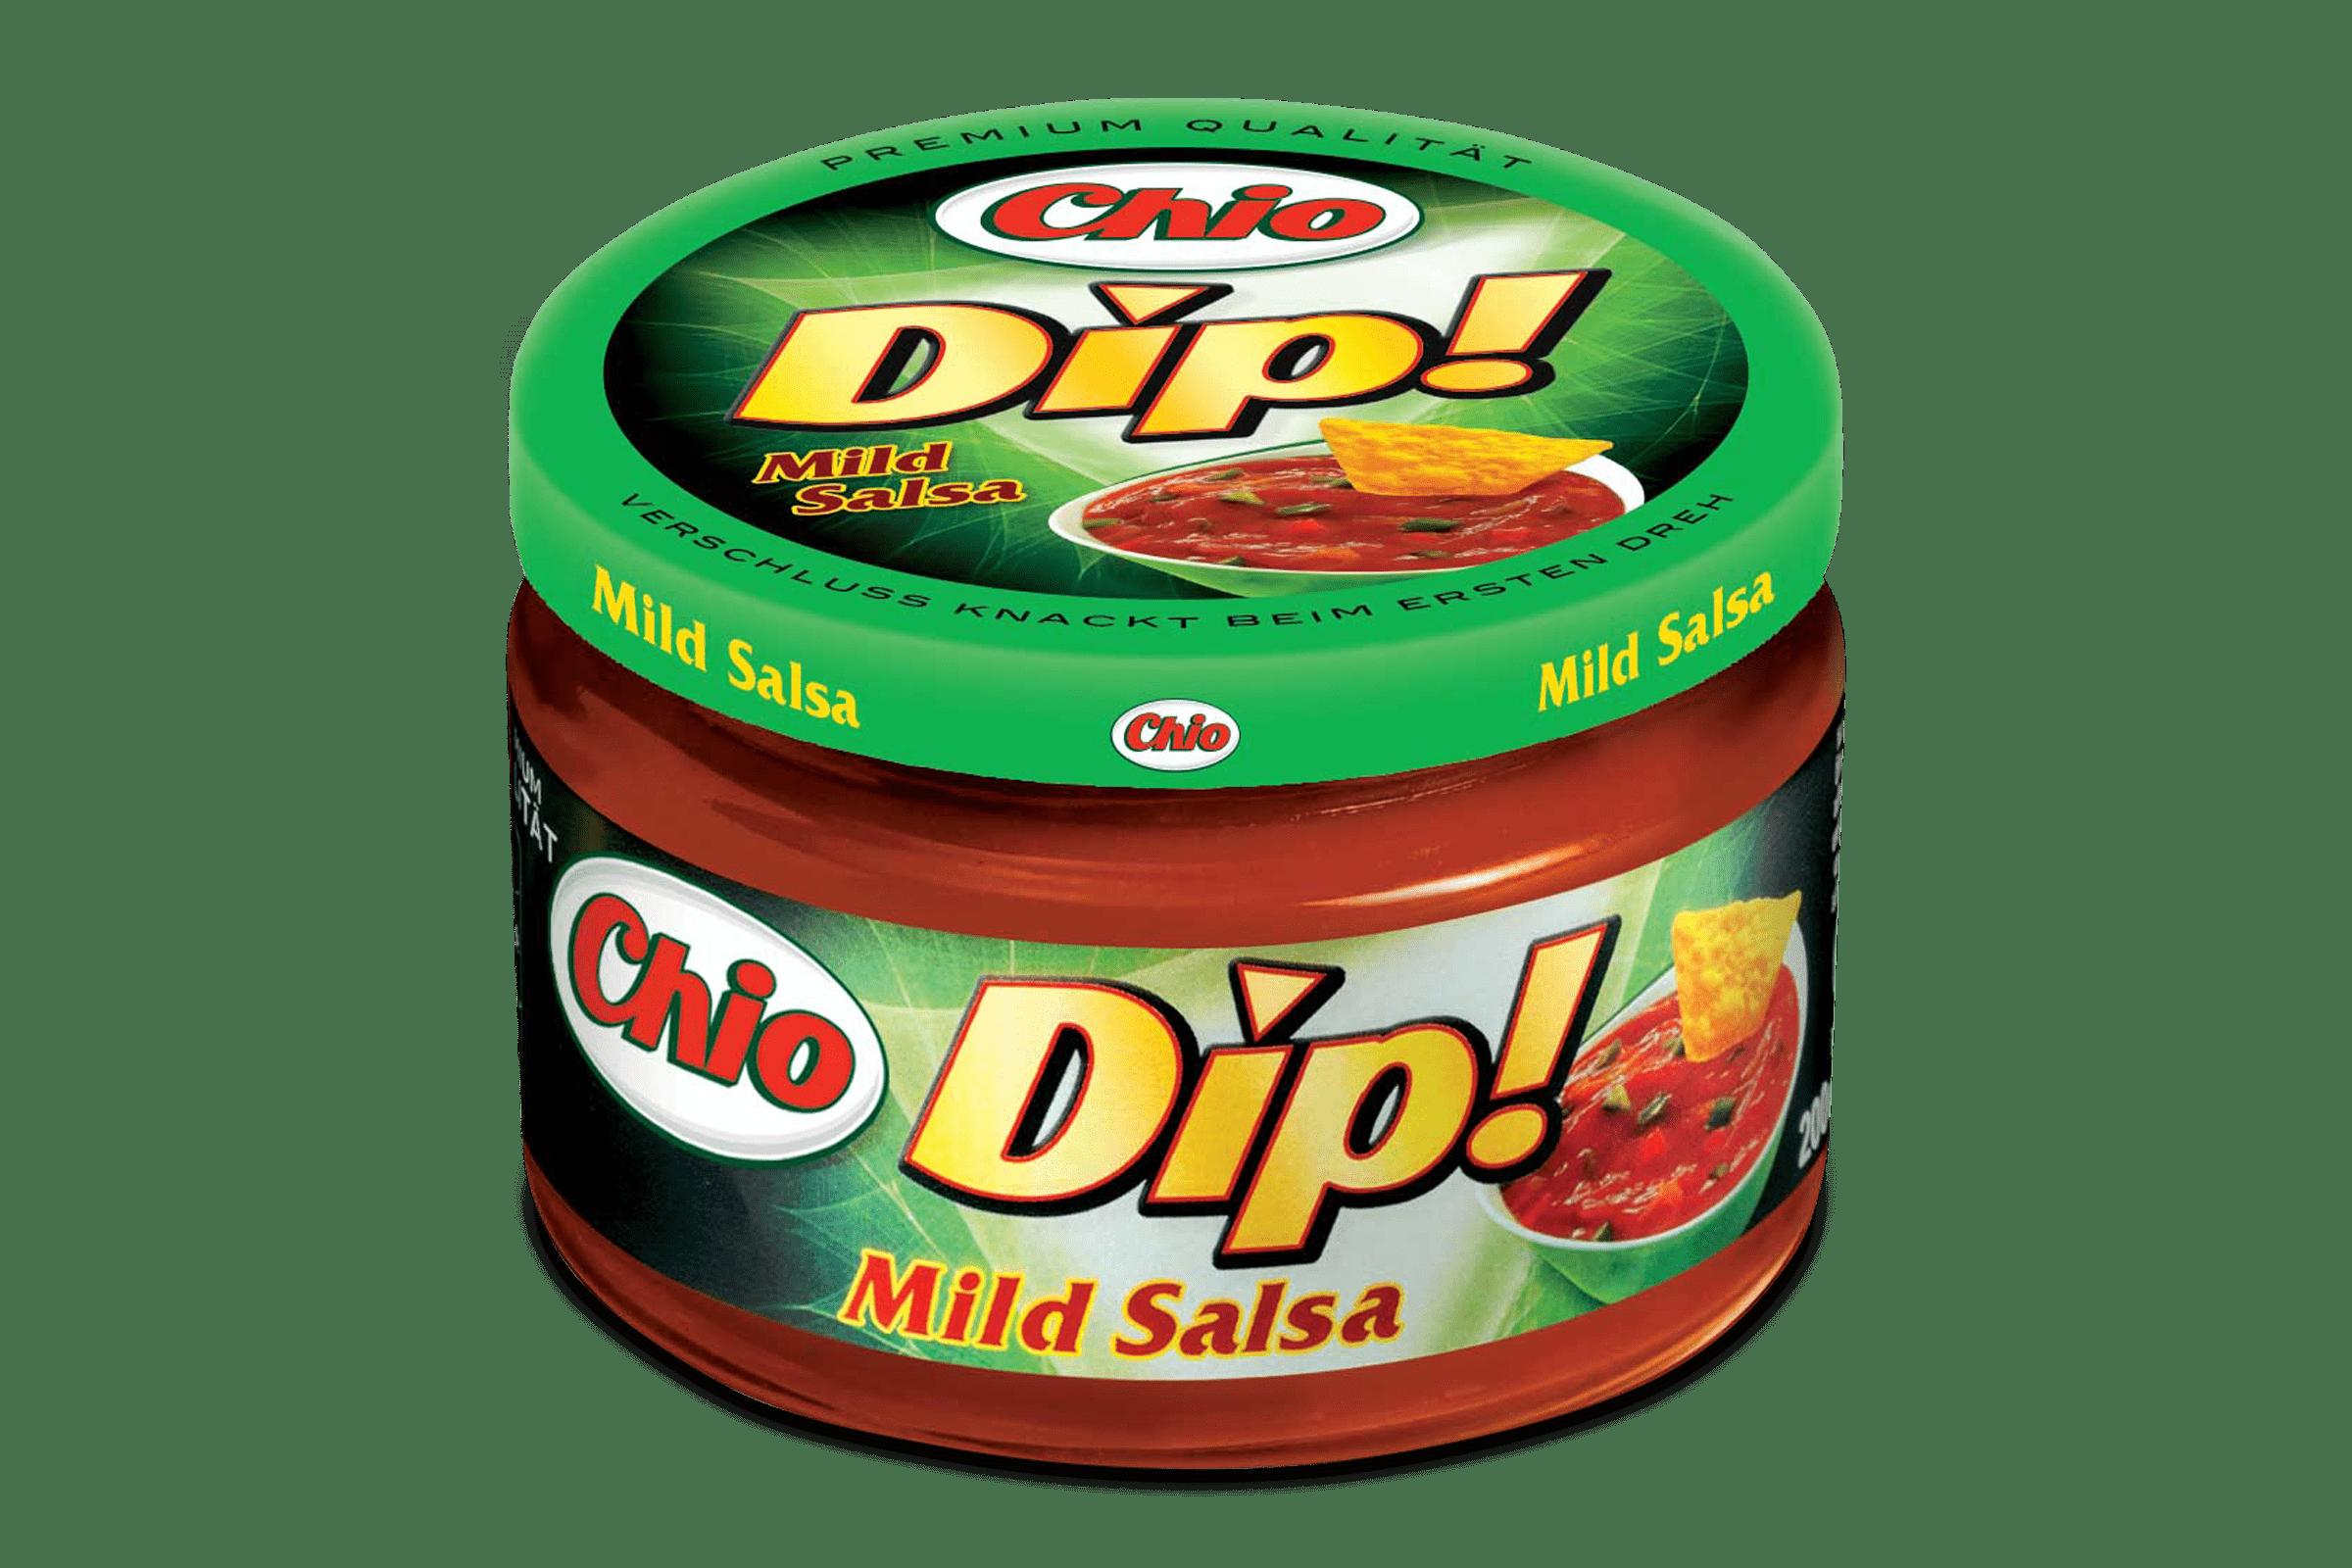 Chio Dip Mild Salsa 1